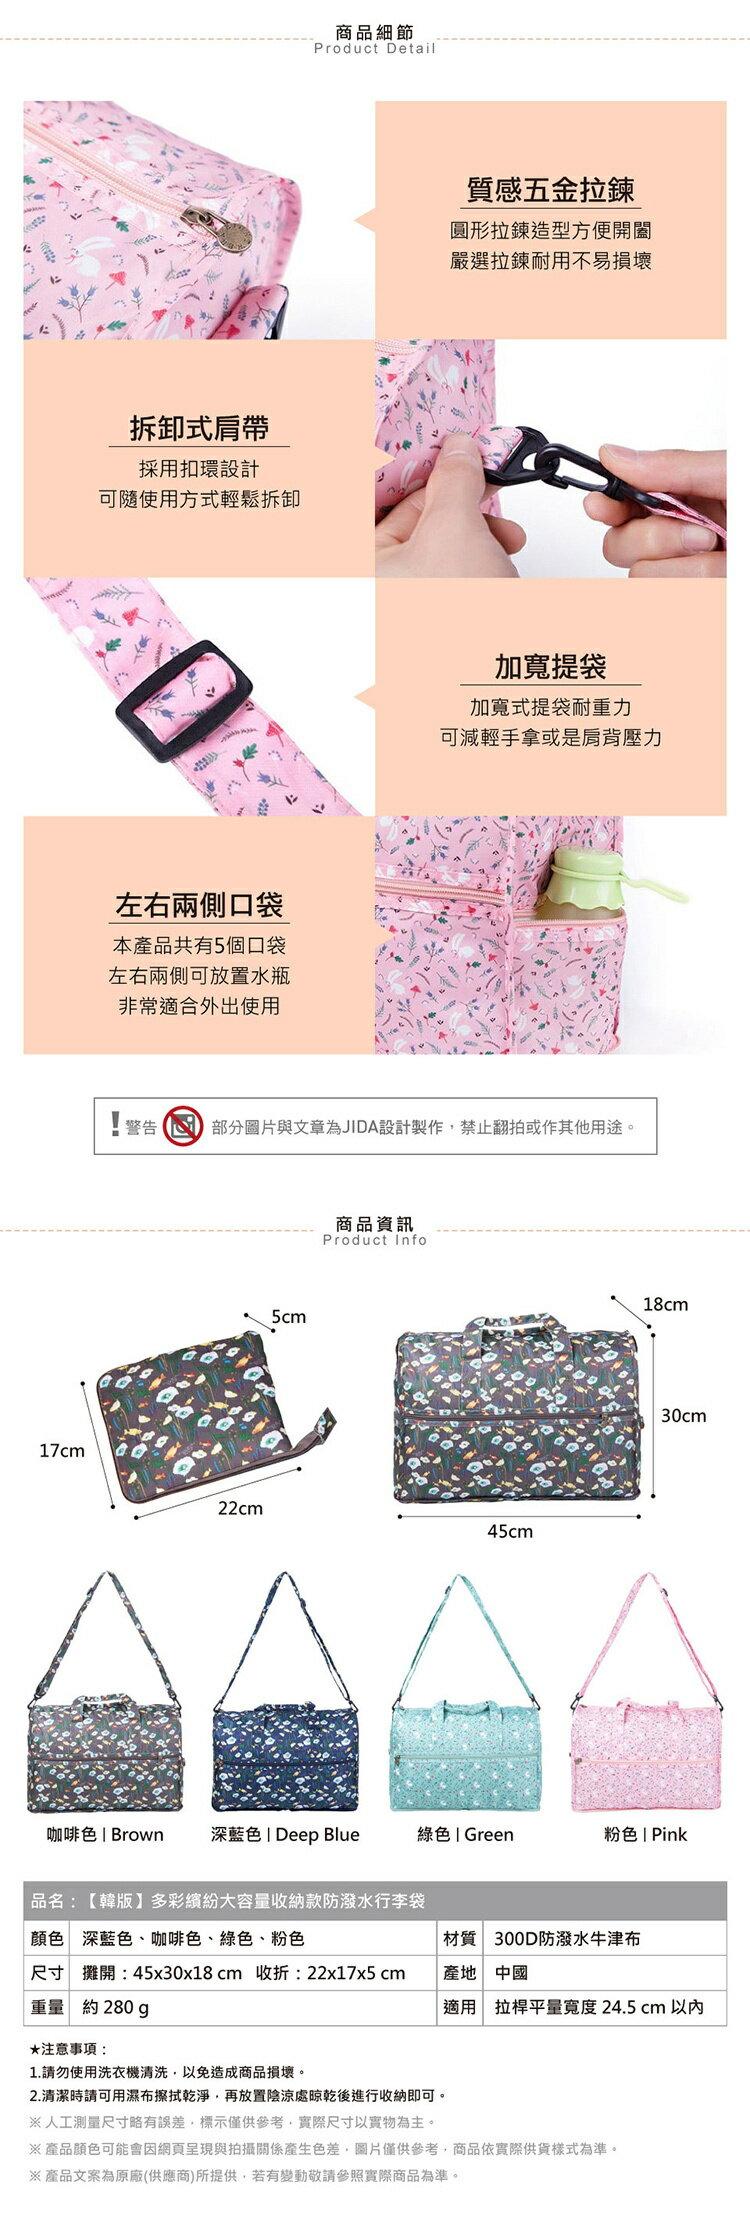 大容量收納款防潑水行李袋-顏色隨機出貨(22X17X5cm) [大買家] 3